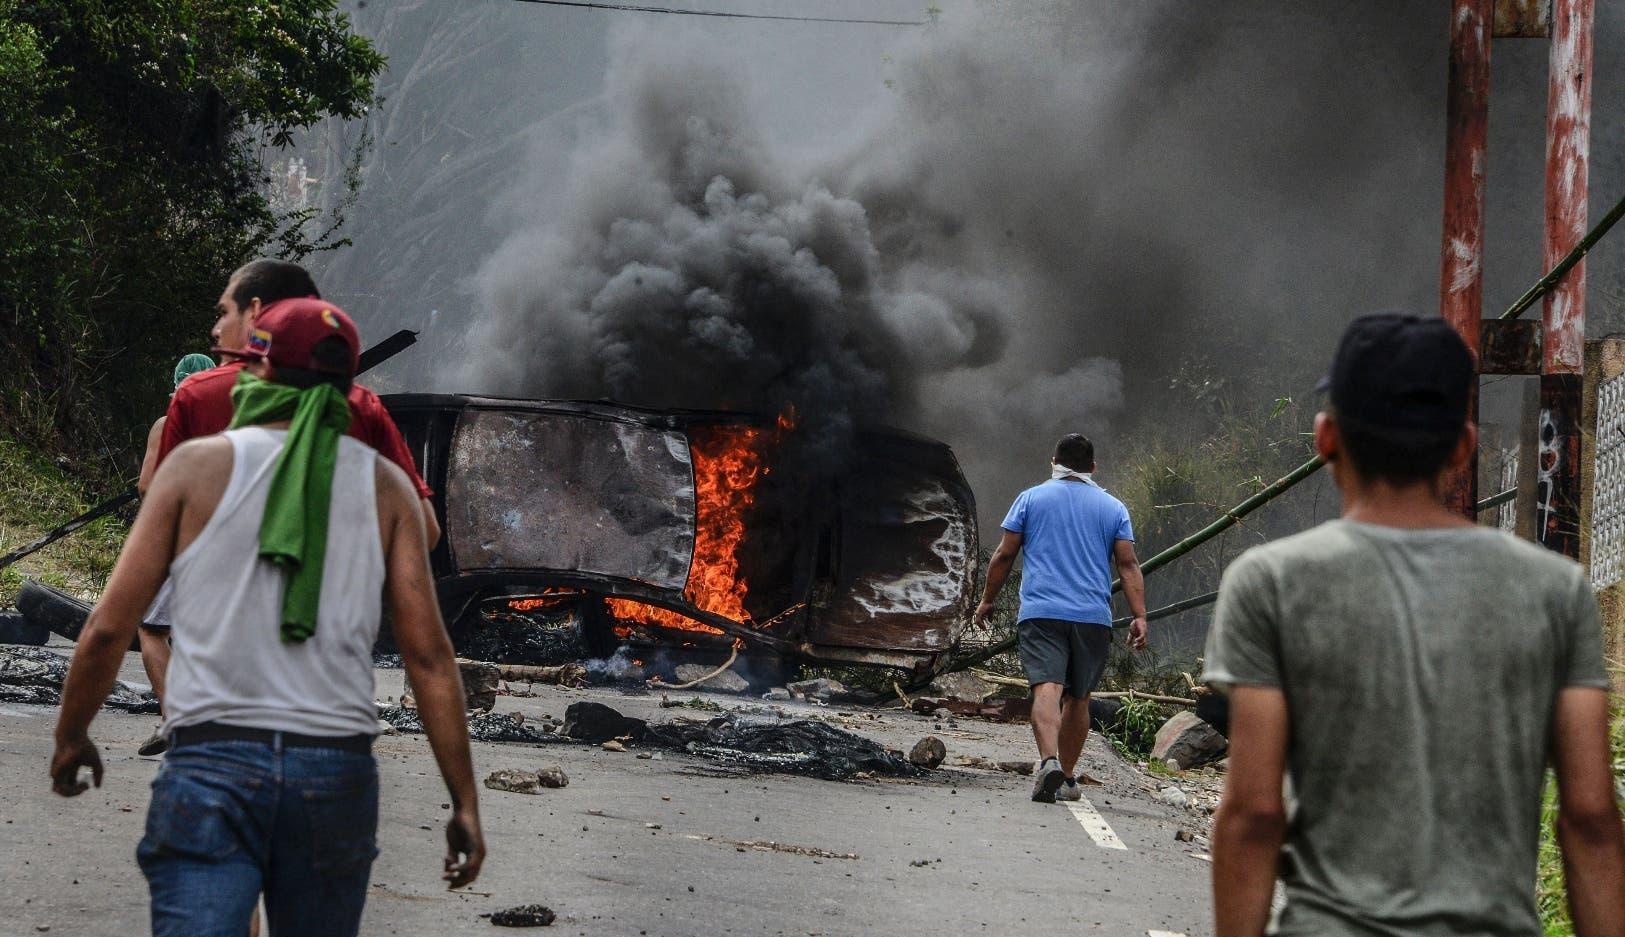 Cerca de 100 funcionarios policiales han sufrido heridas en las tres semanas de protestas, dijo el defensor del pueblo, Tarek William.